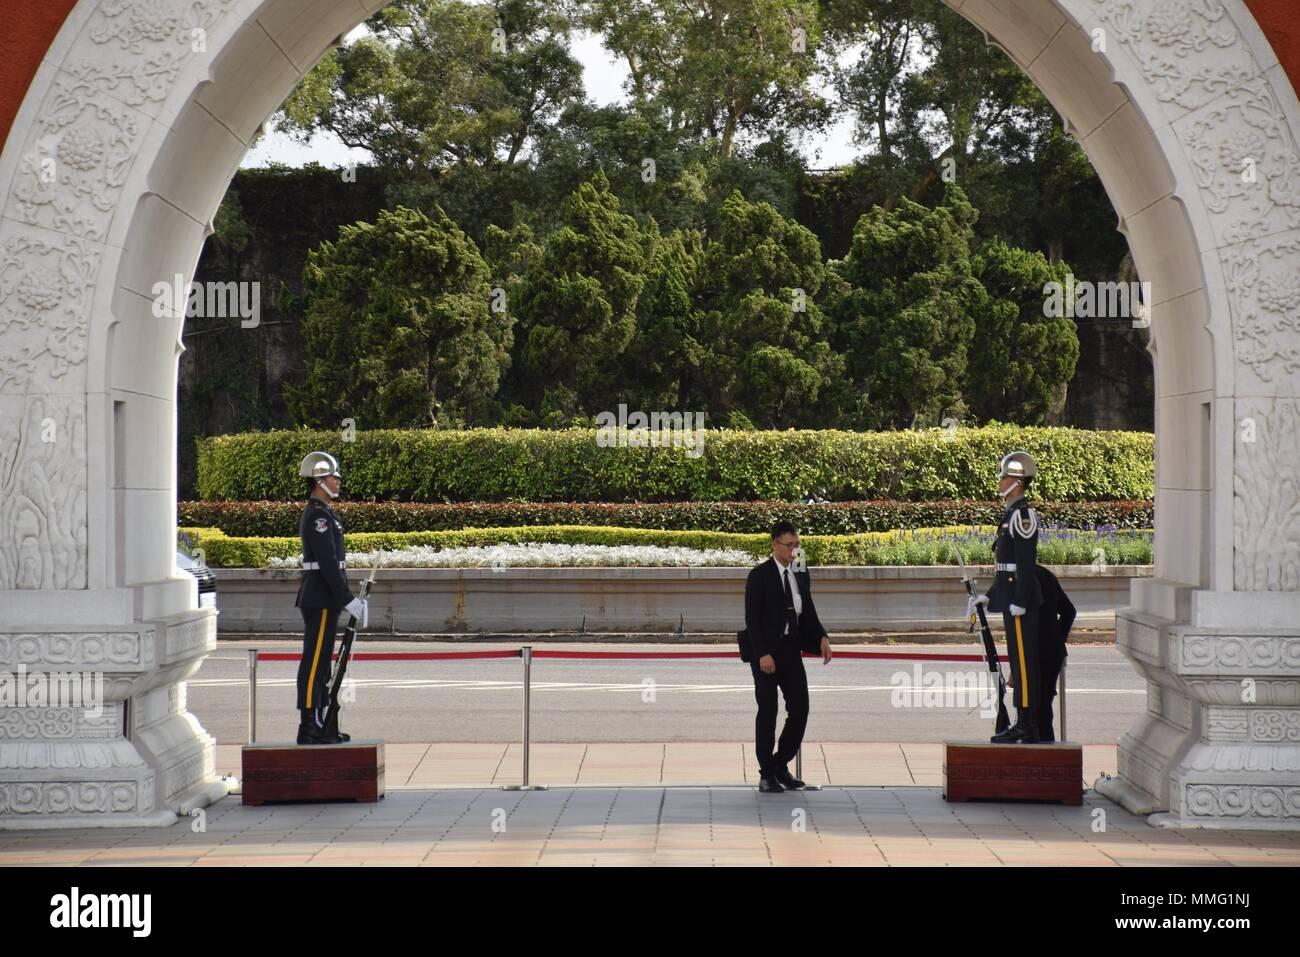 Los oficiales militares en la entrada de la Unidad Revolucionaria Nacional el Santuario de los Mártires en Taipei, Taiwán. Imagen De Stock